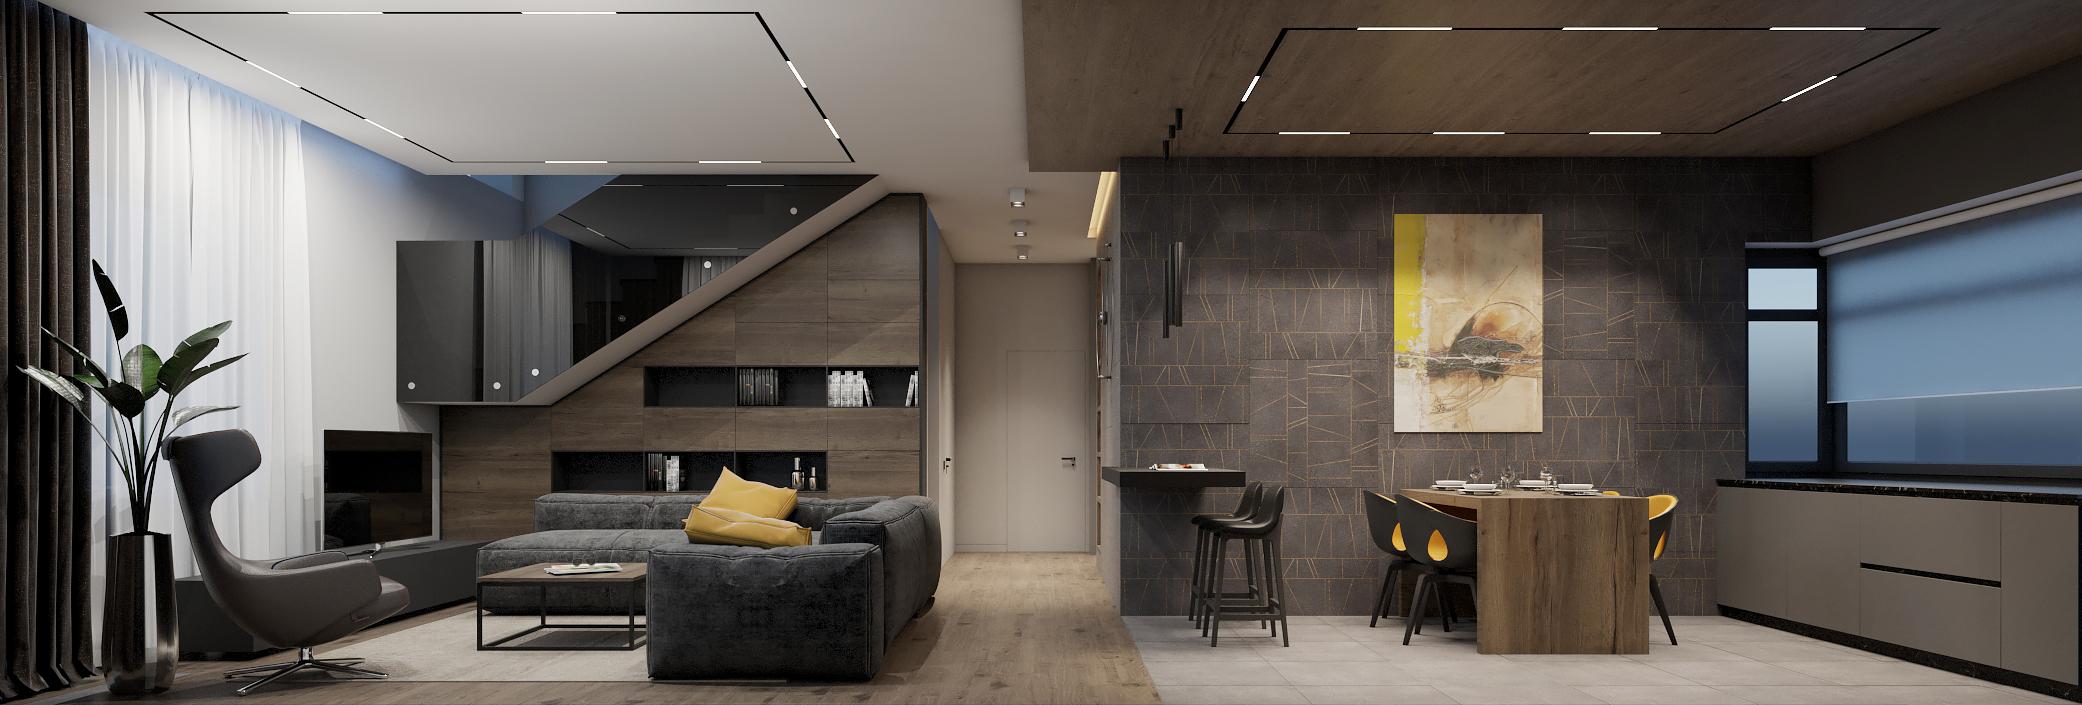 Интерьер кухни-гостиной в современном доме.